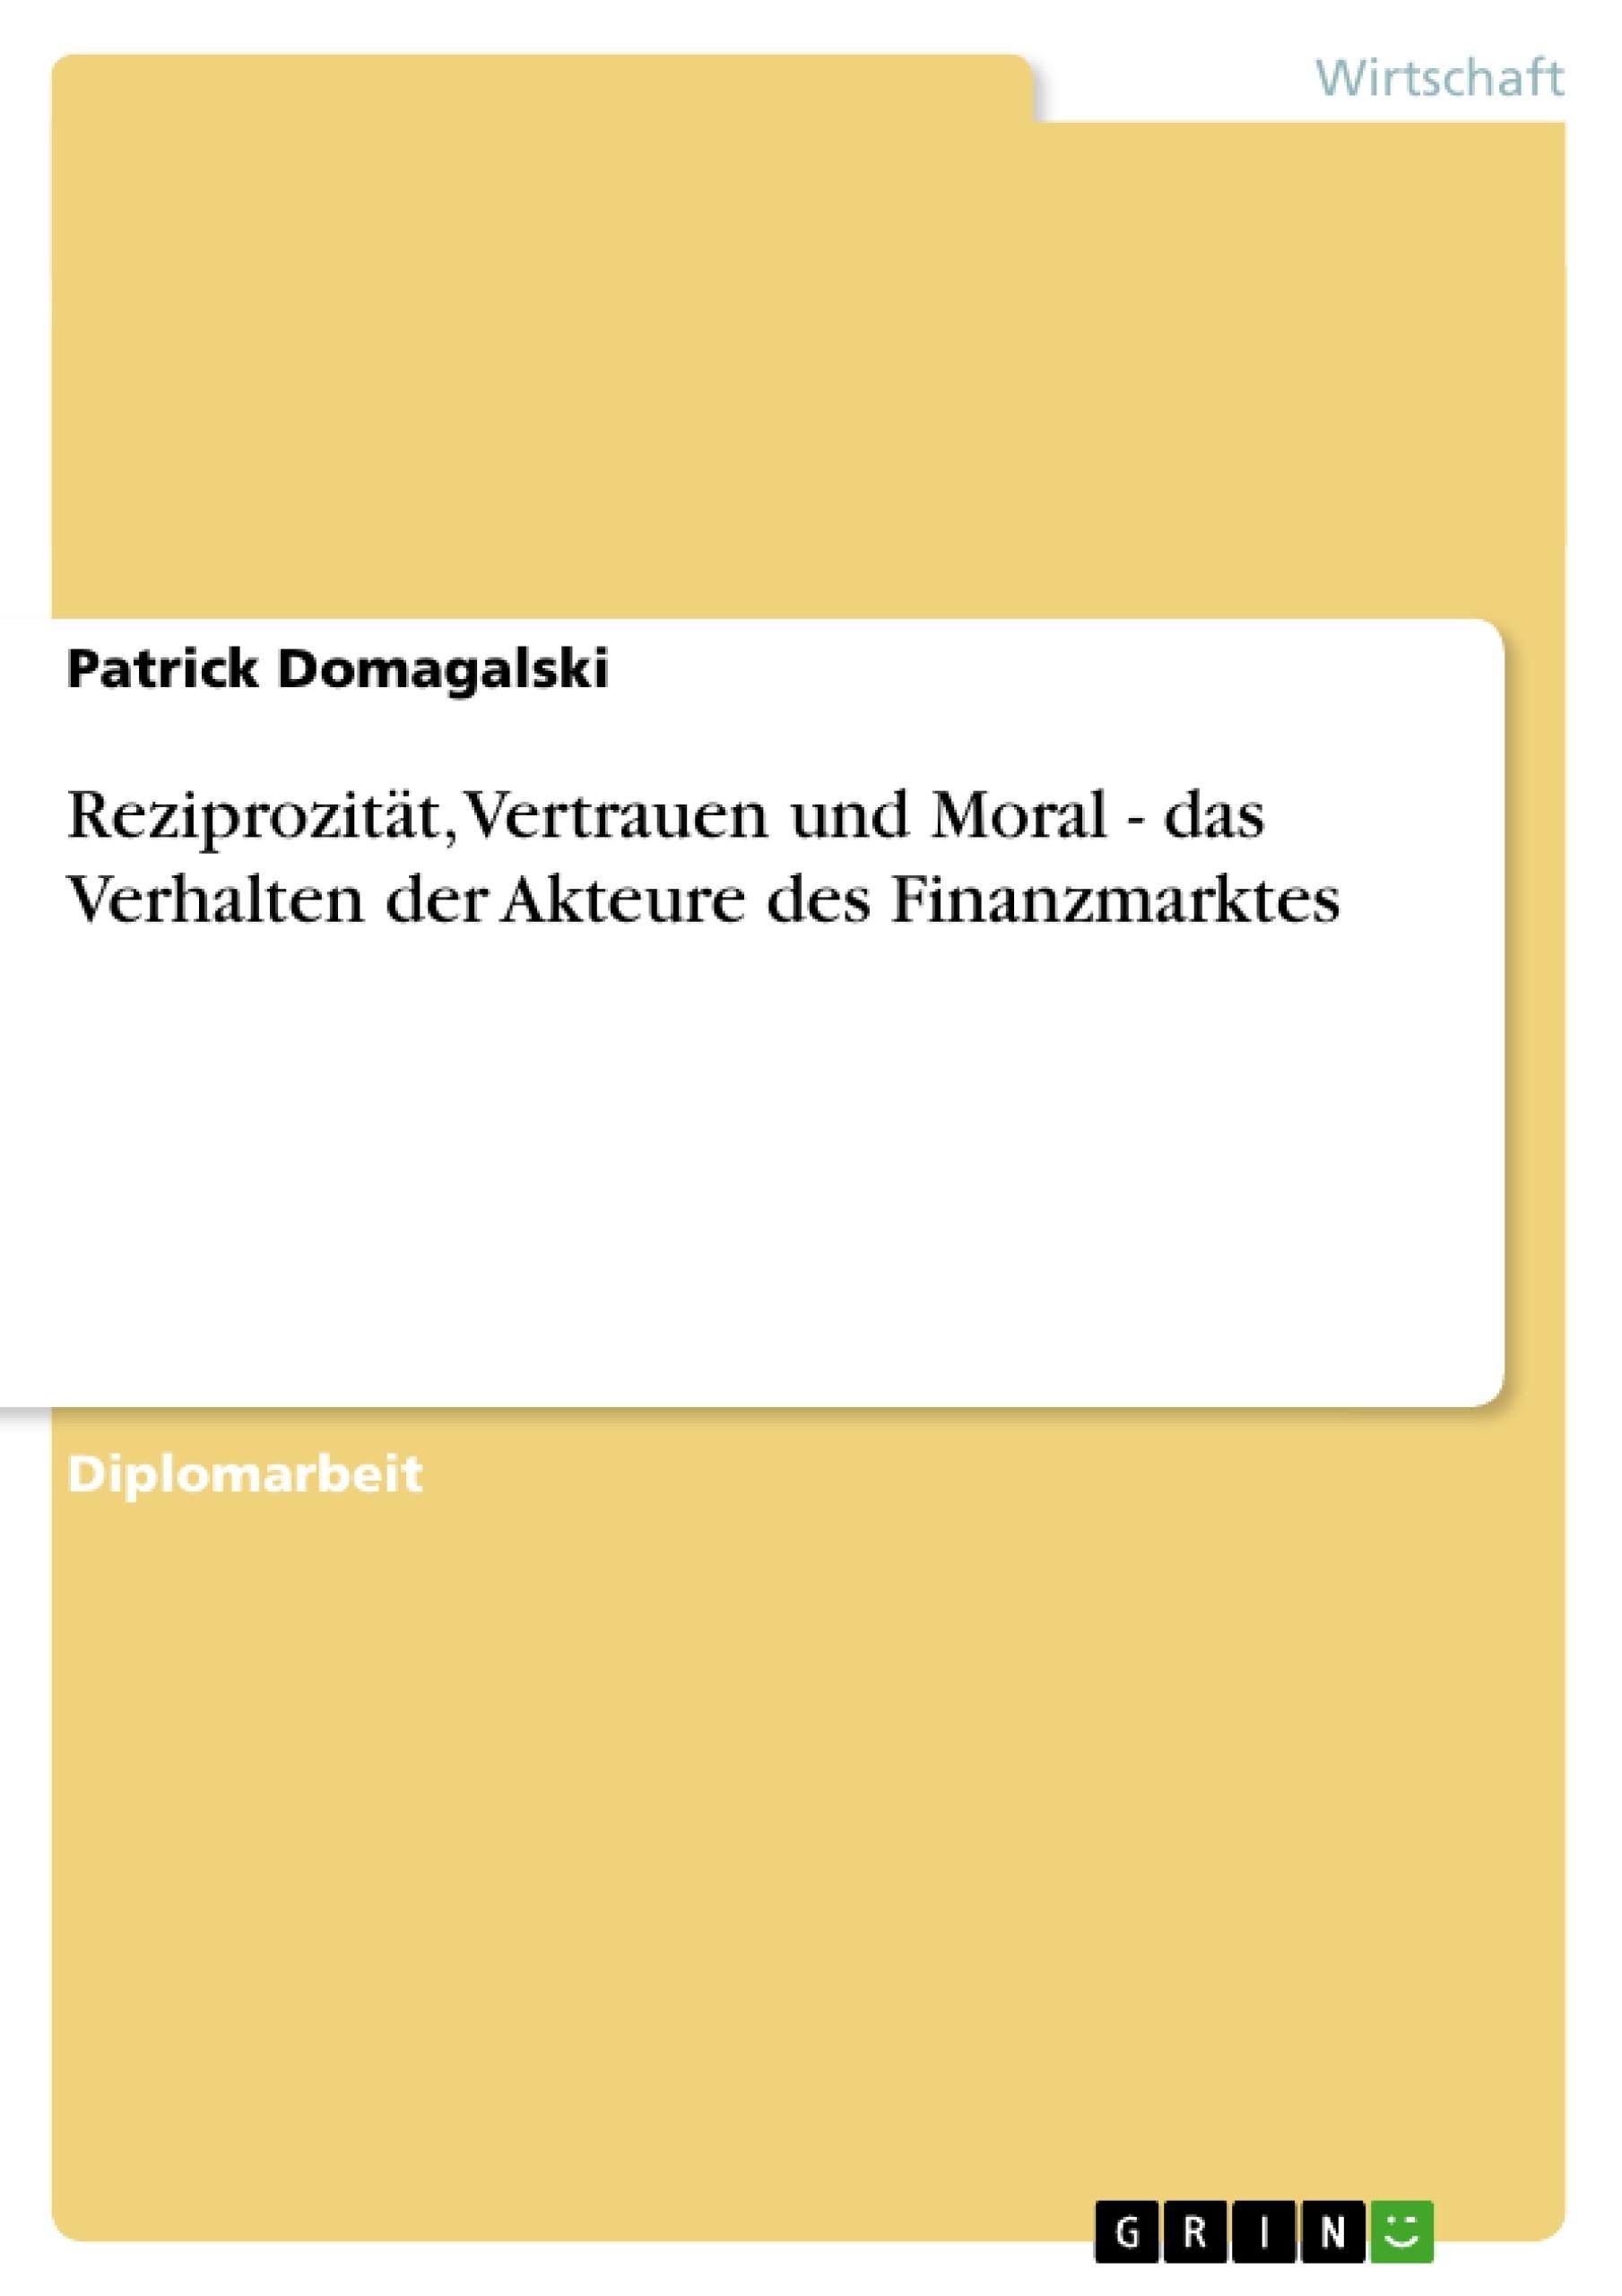 Titel: Reziprozität, Vertrauen und Moral - das Verhalten der Akteure des Finanzmarktes